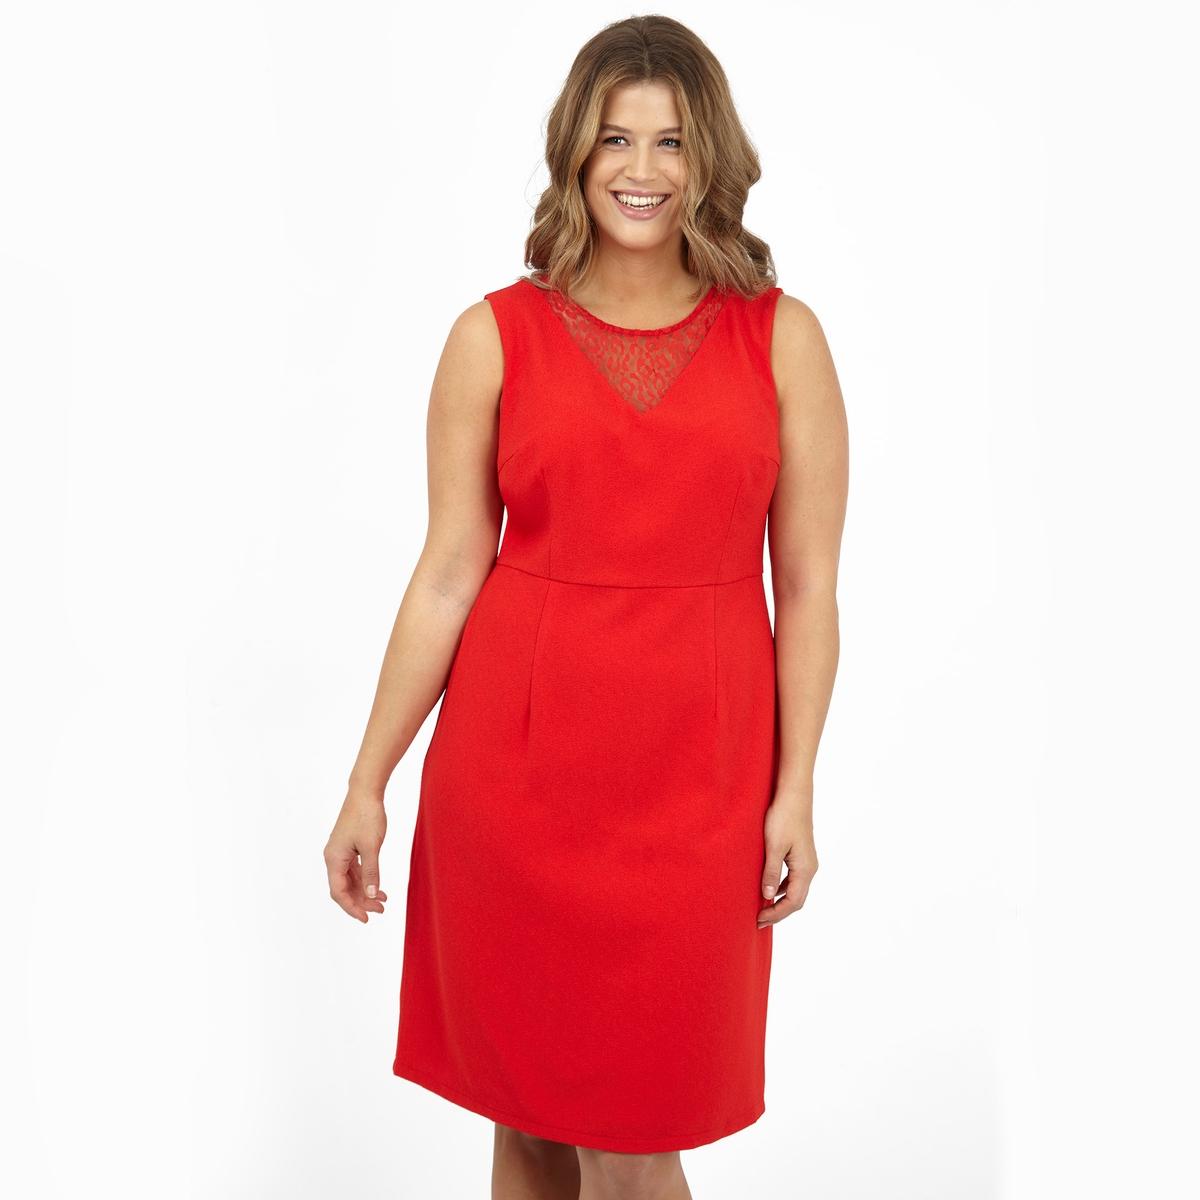 ПлатьеПлатье без рукавов KOKO BY KOKO. Красивое кружево спереди. 100% полиэстер.<br><br>Цвет: красный